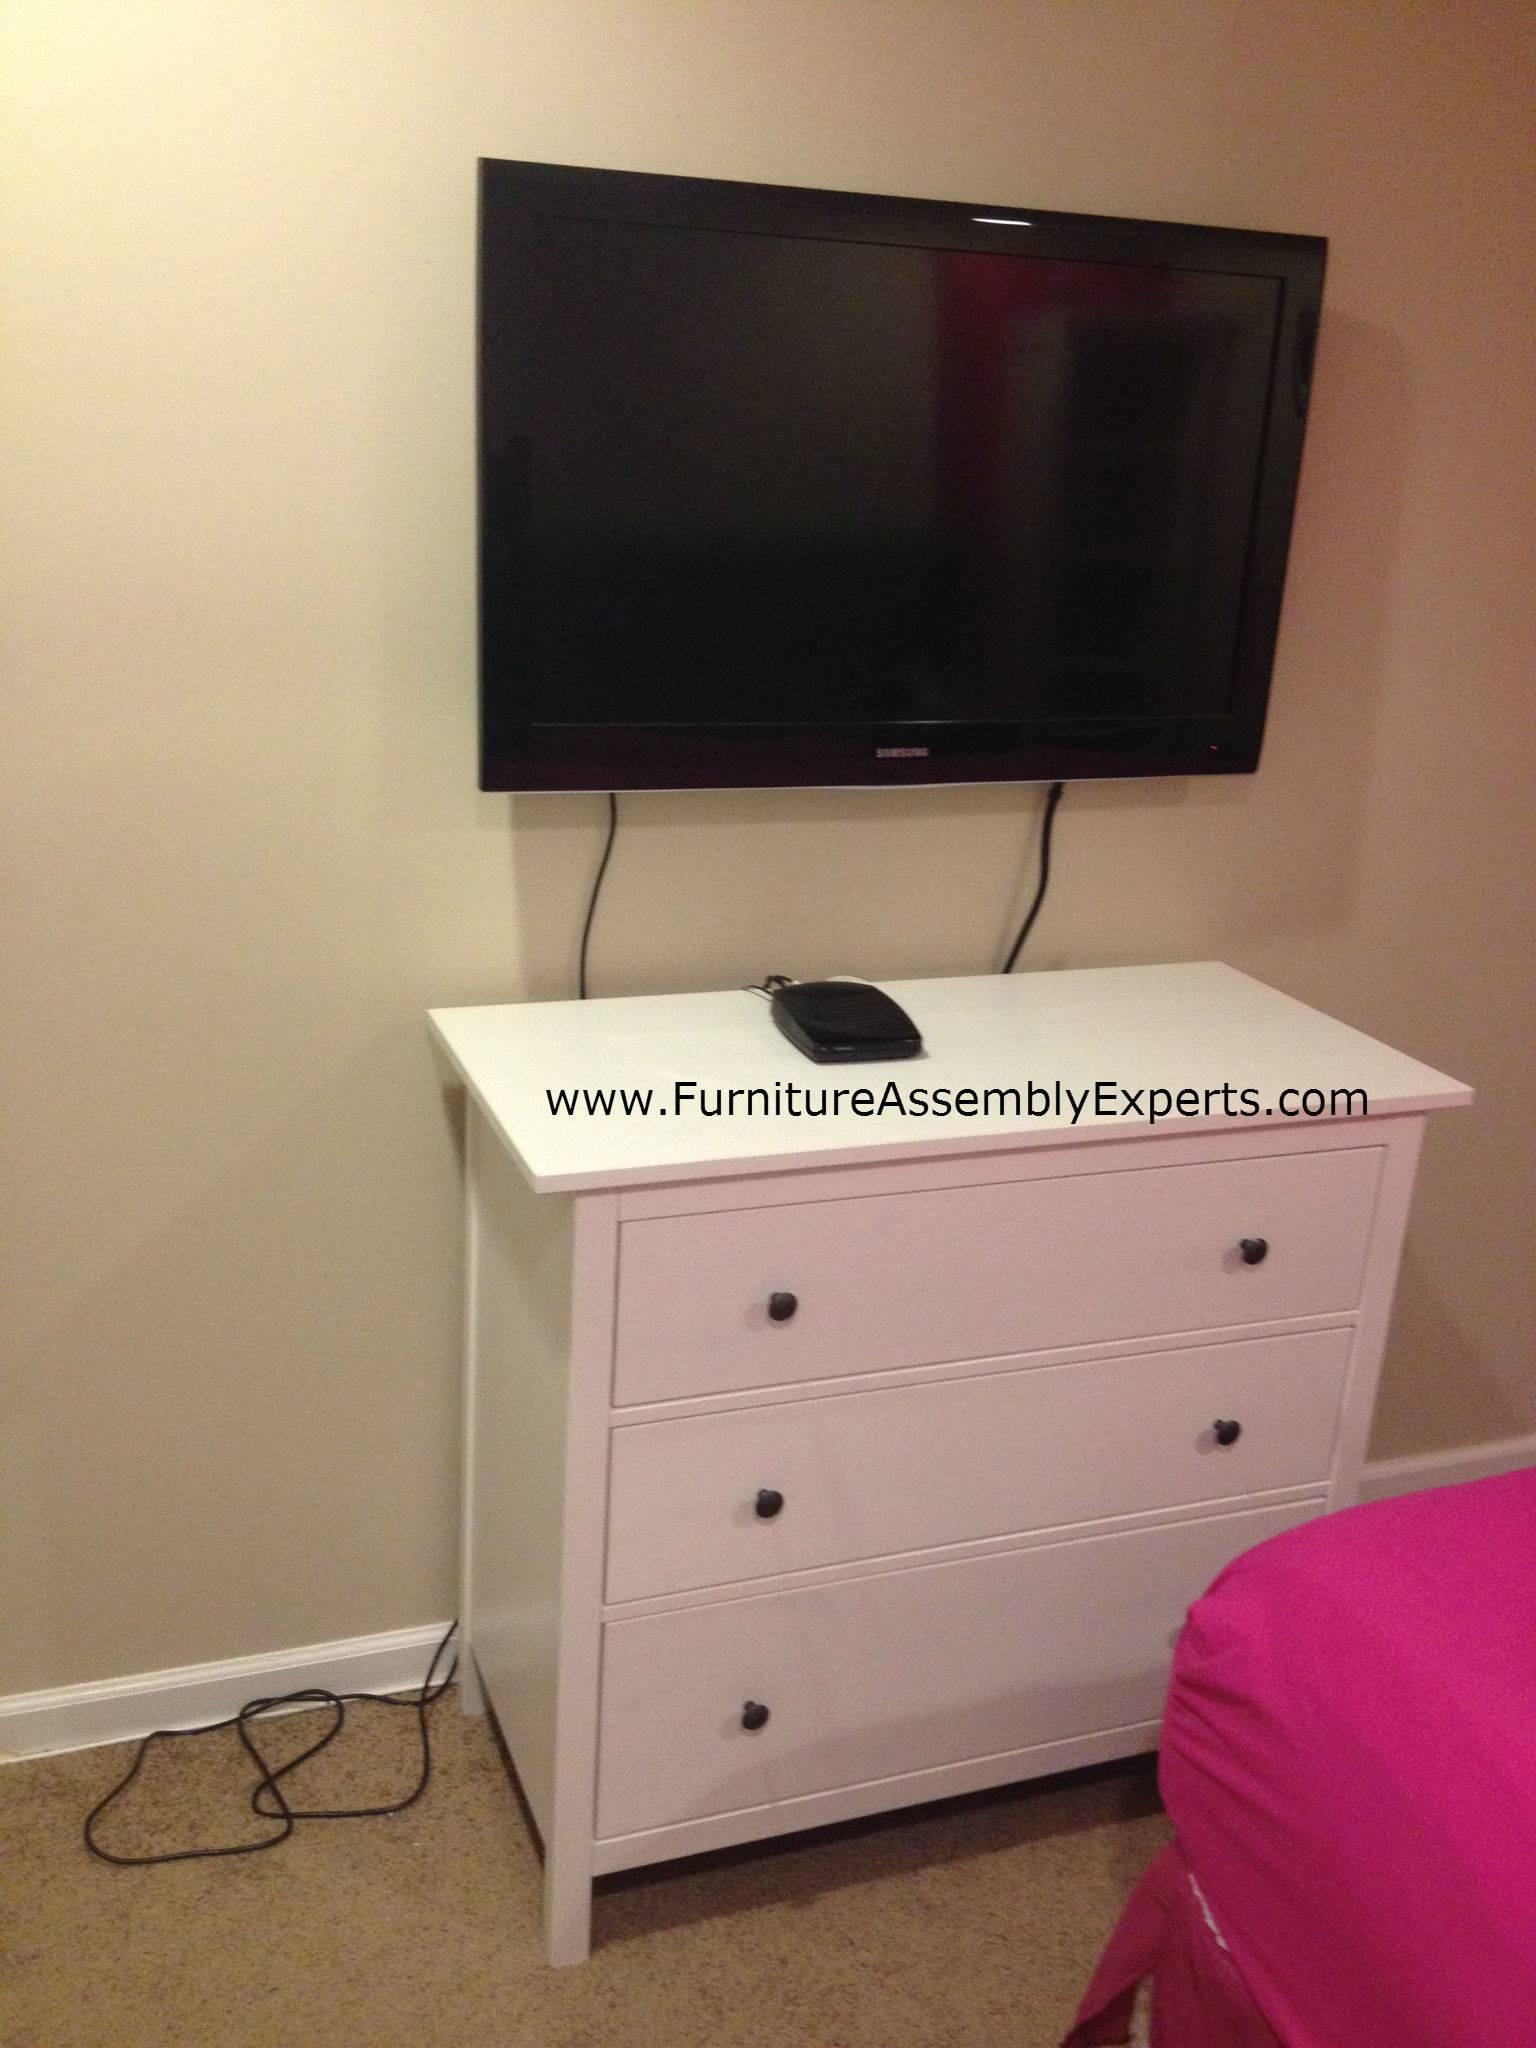 TV wall mount service in beltsville MD